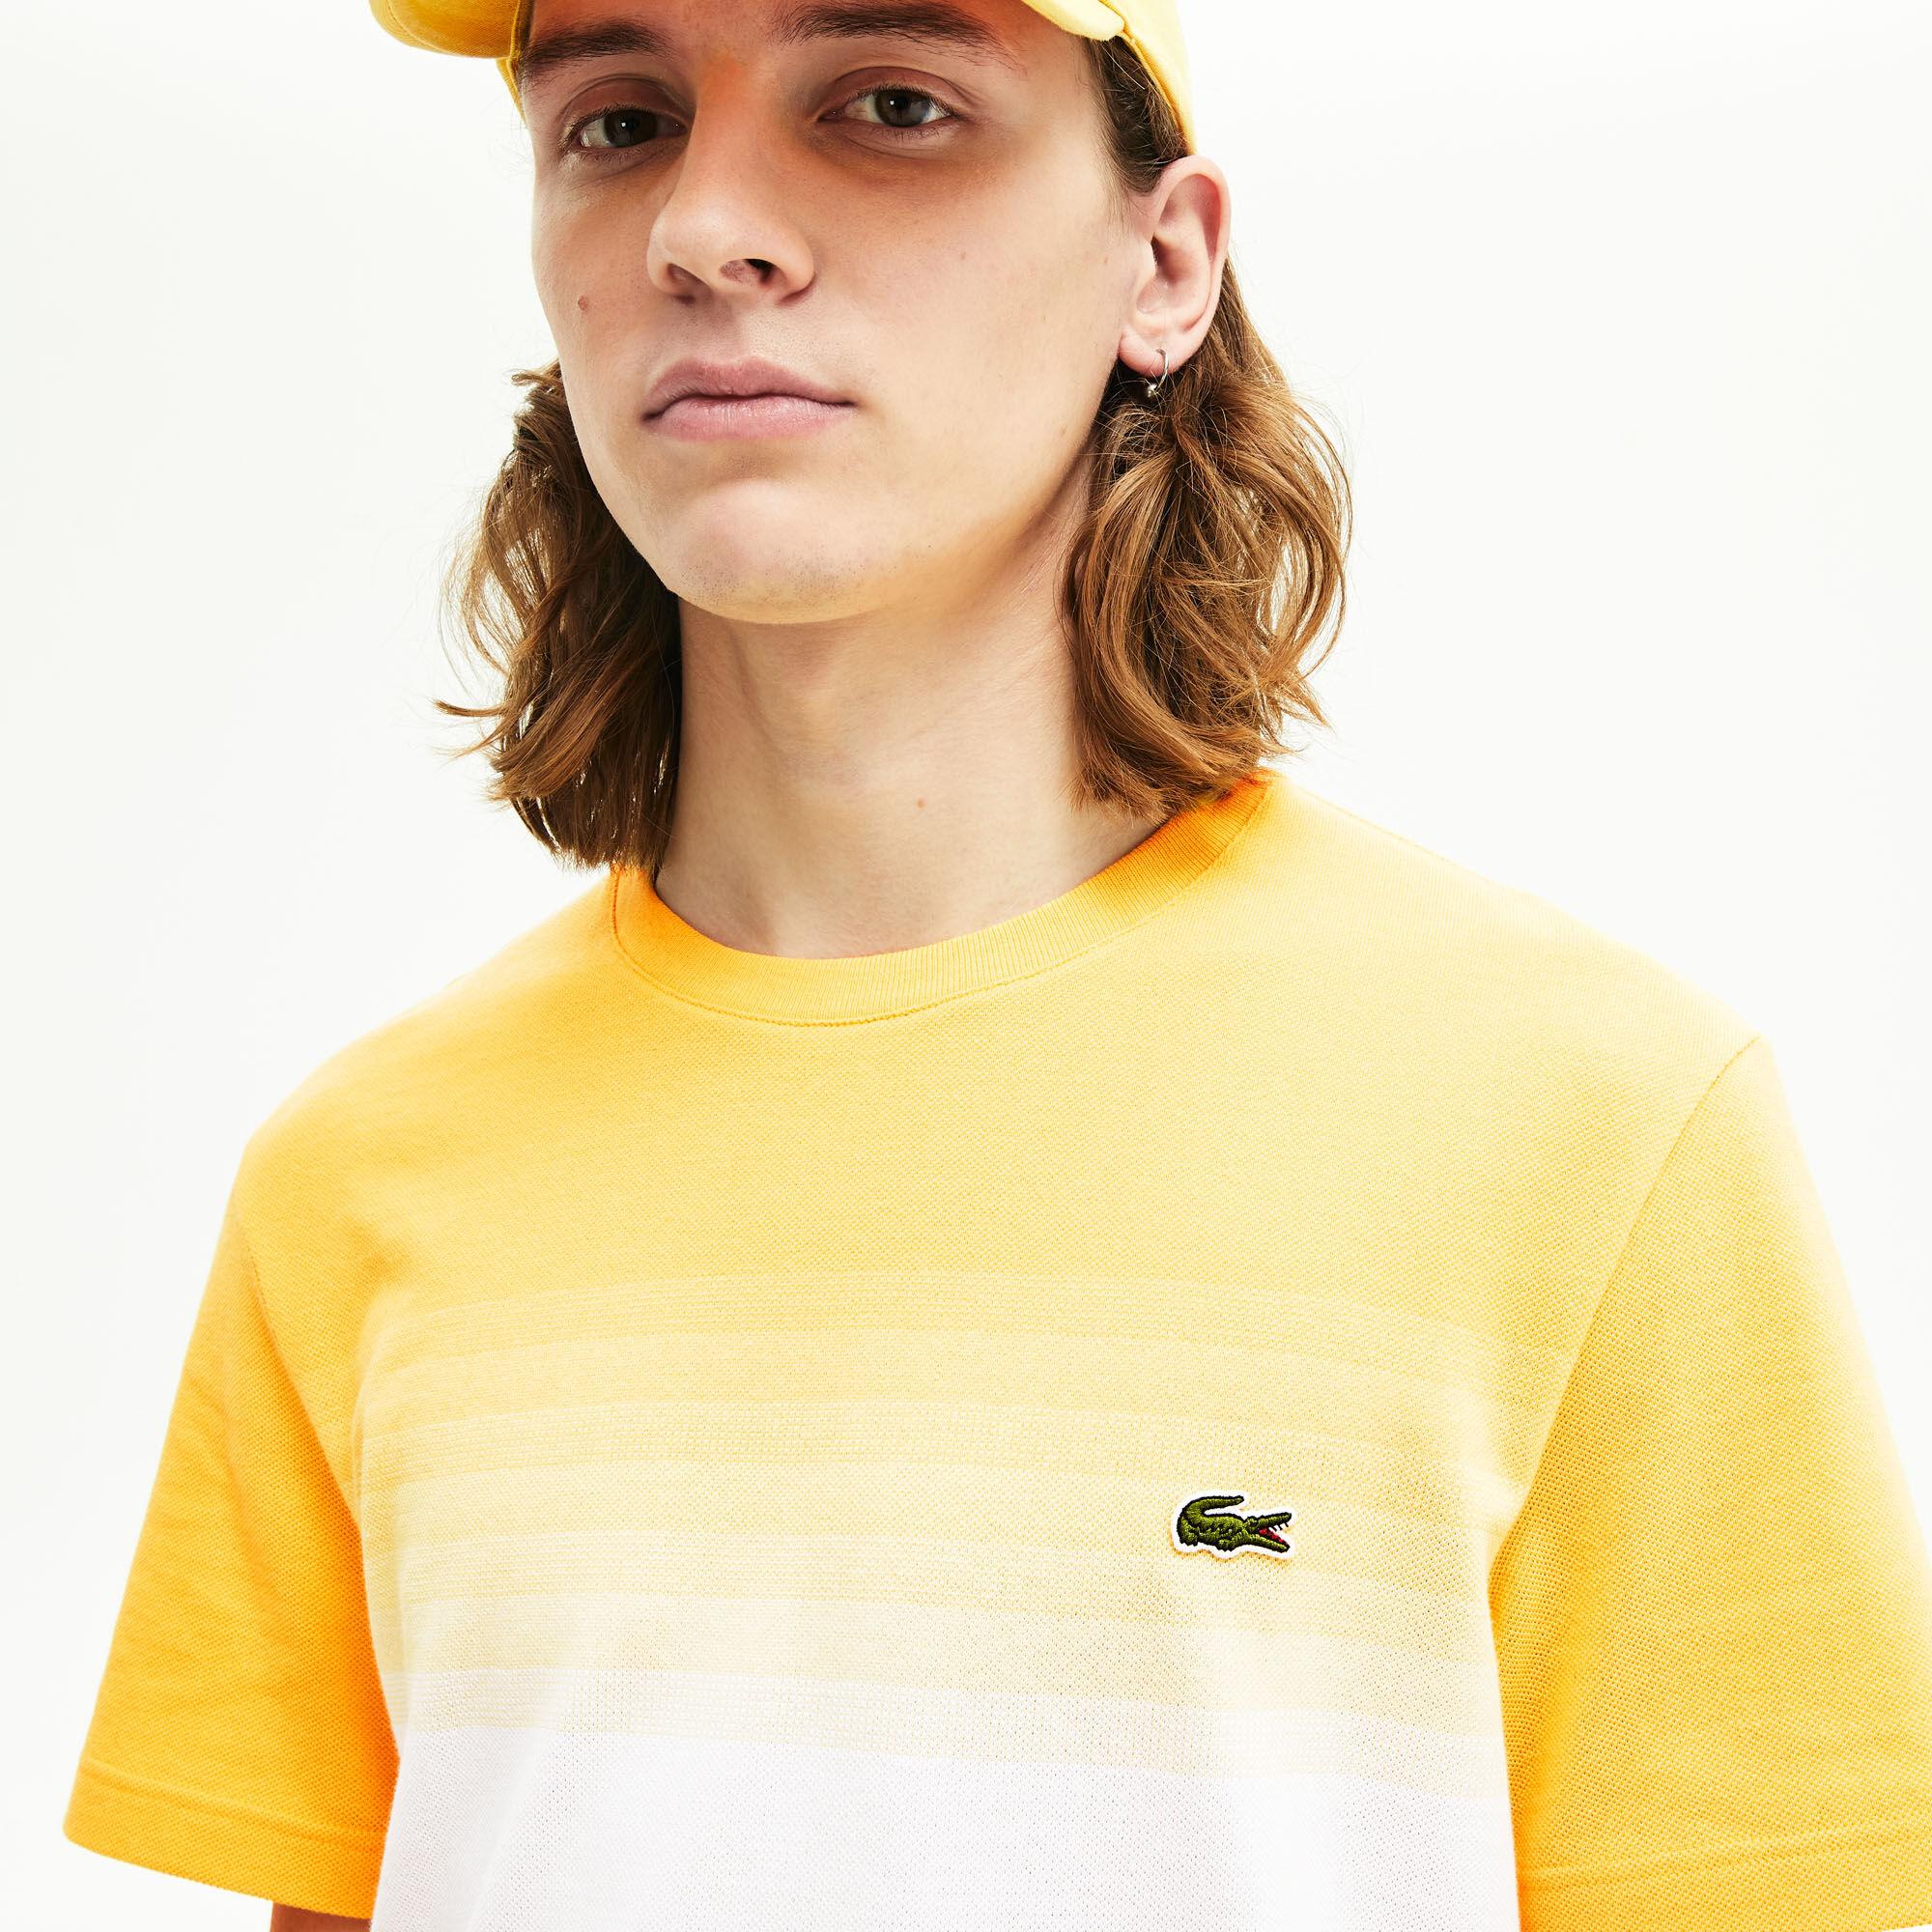 قميص تي-شيرت بفتحة رقبة مستديرة محيك من قطن بيكيه من مجموعة Made in France للرجال